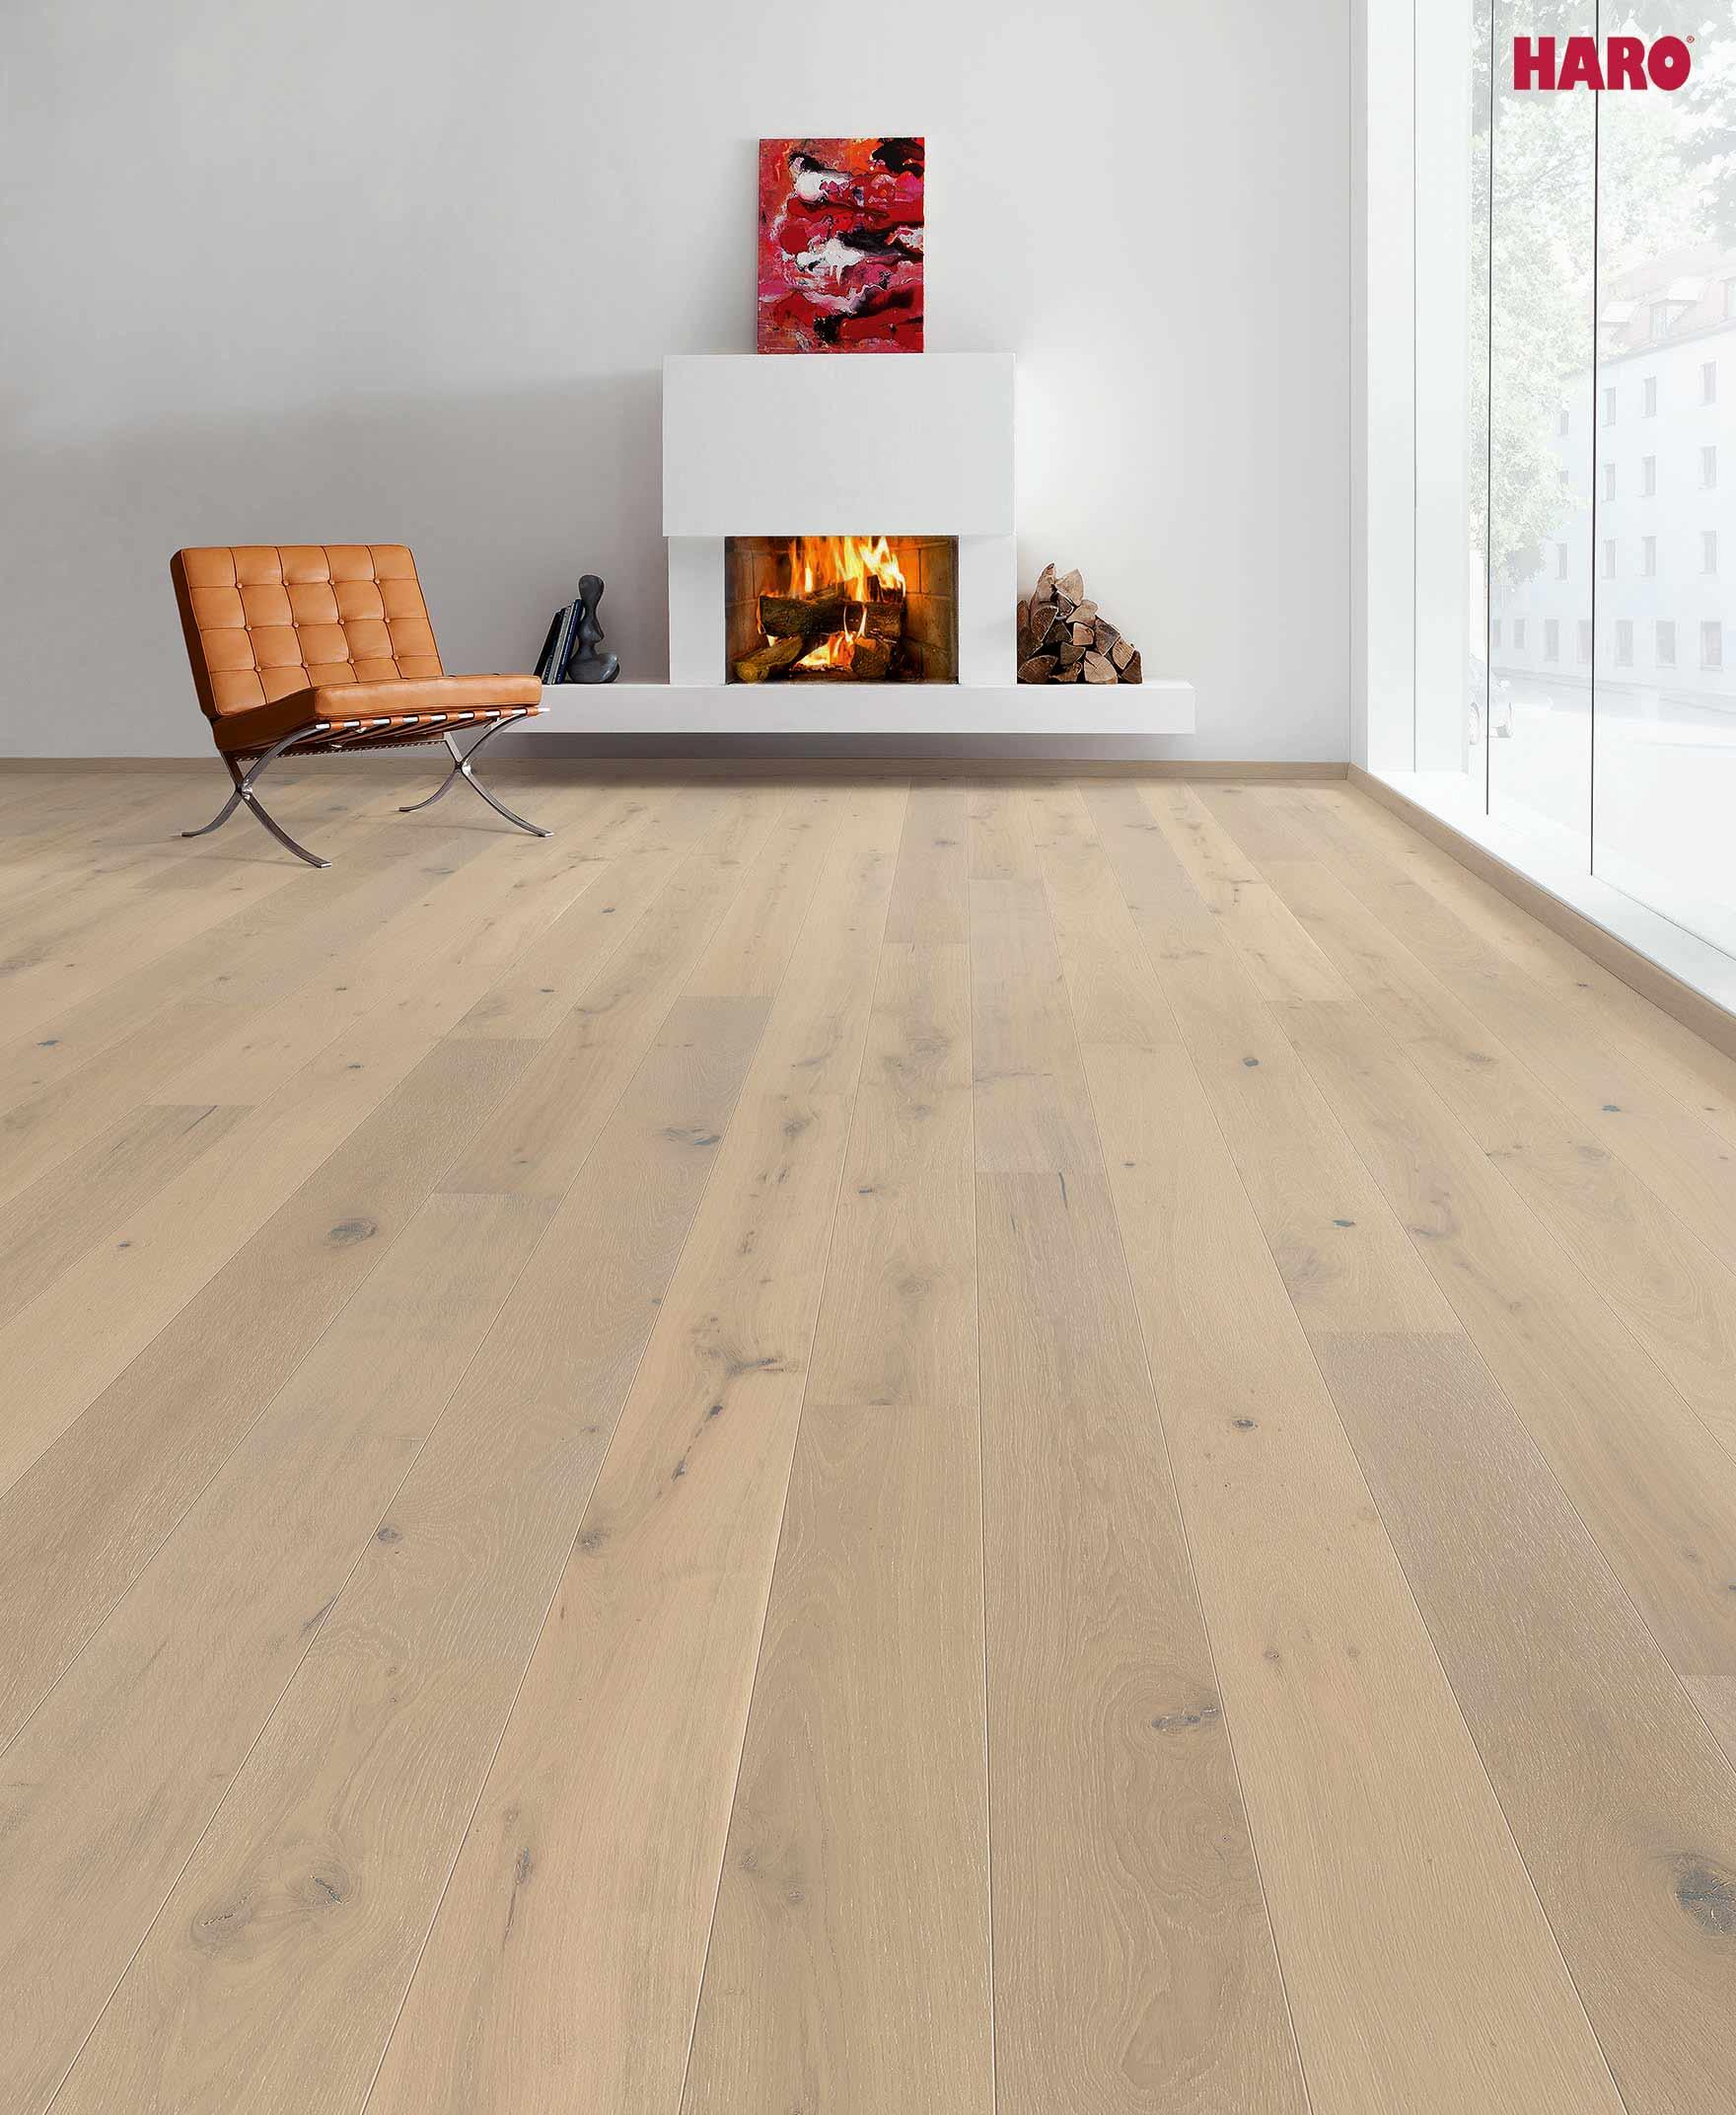 528140 haro parkett landhausdiele 4000 eiche perlgrau gekalkt sauvage rustico strukturiert 2v. Black Bedroom Furniture Sets. Home Design Ideas